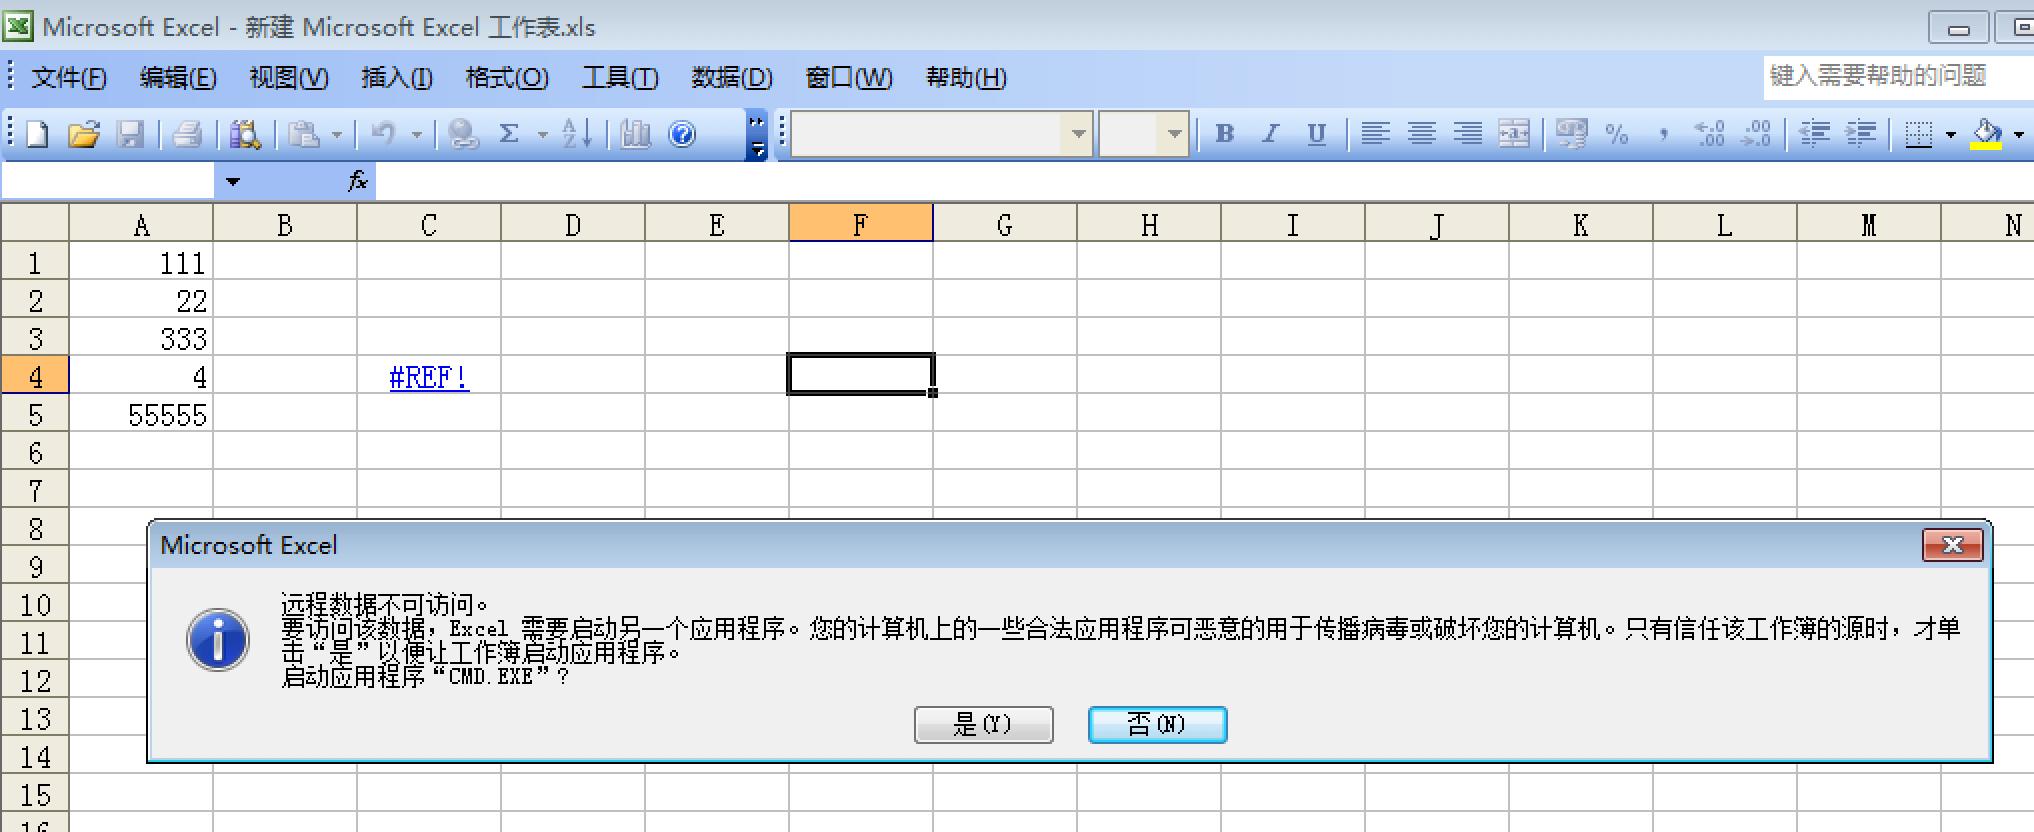 https://momo-mmsrc.oss-cn-hangzhou.aliyuncs.com/img-6d3143aa-5364-3896-9b7b-bb48abdfc2a7.png